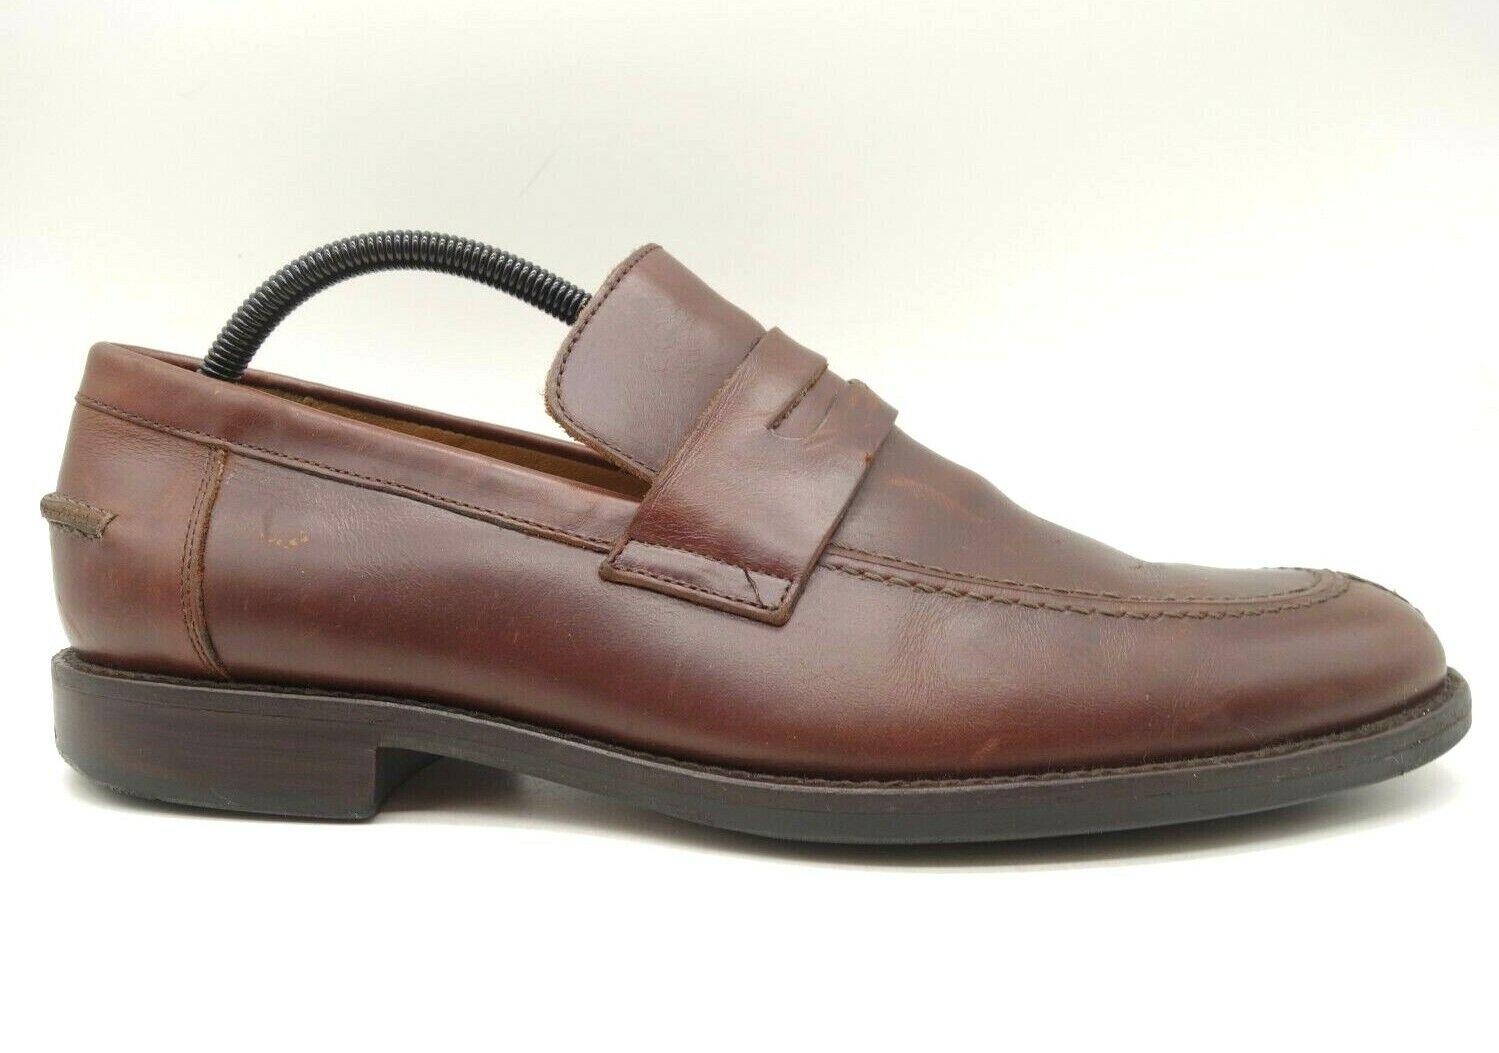 Johnston Murphy Brown Sheepskin Leather Split Toe Penny Loafers Shoes Men's 11 M